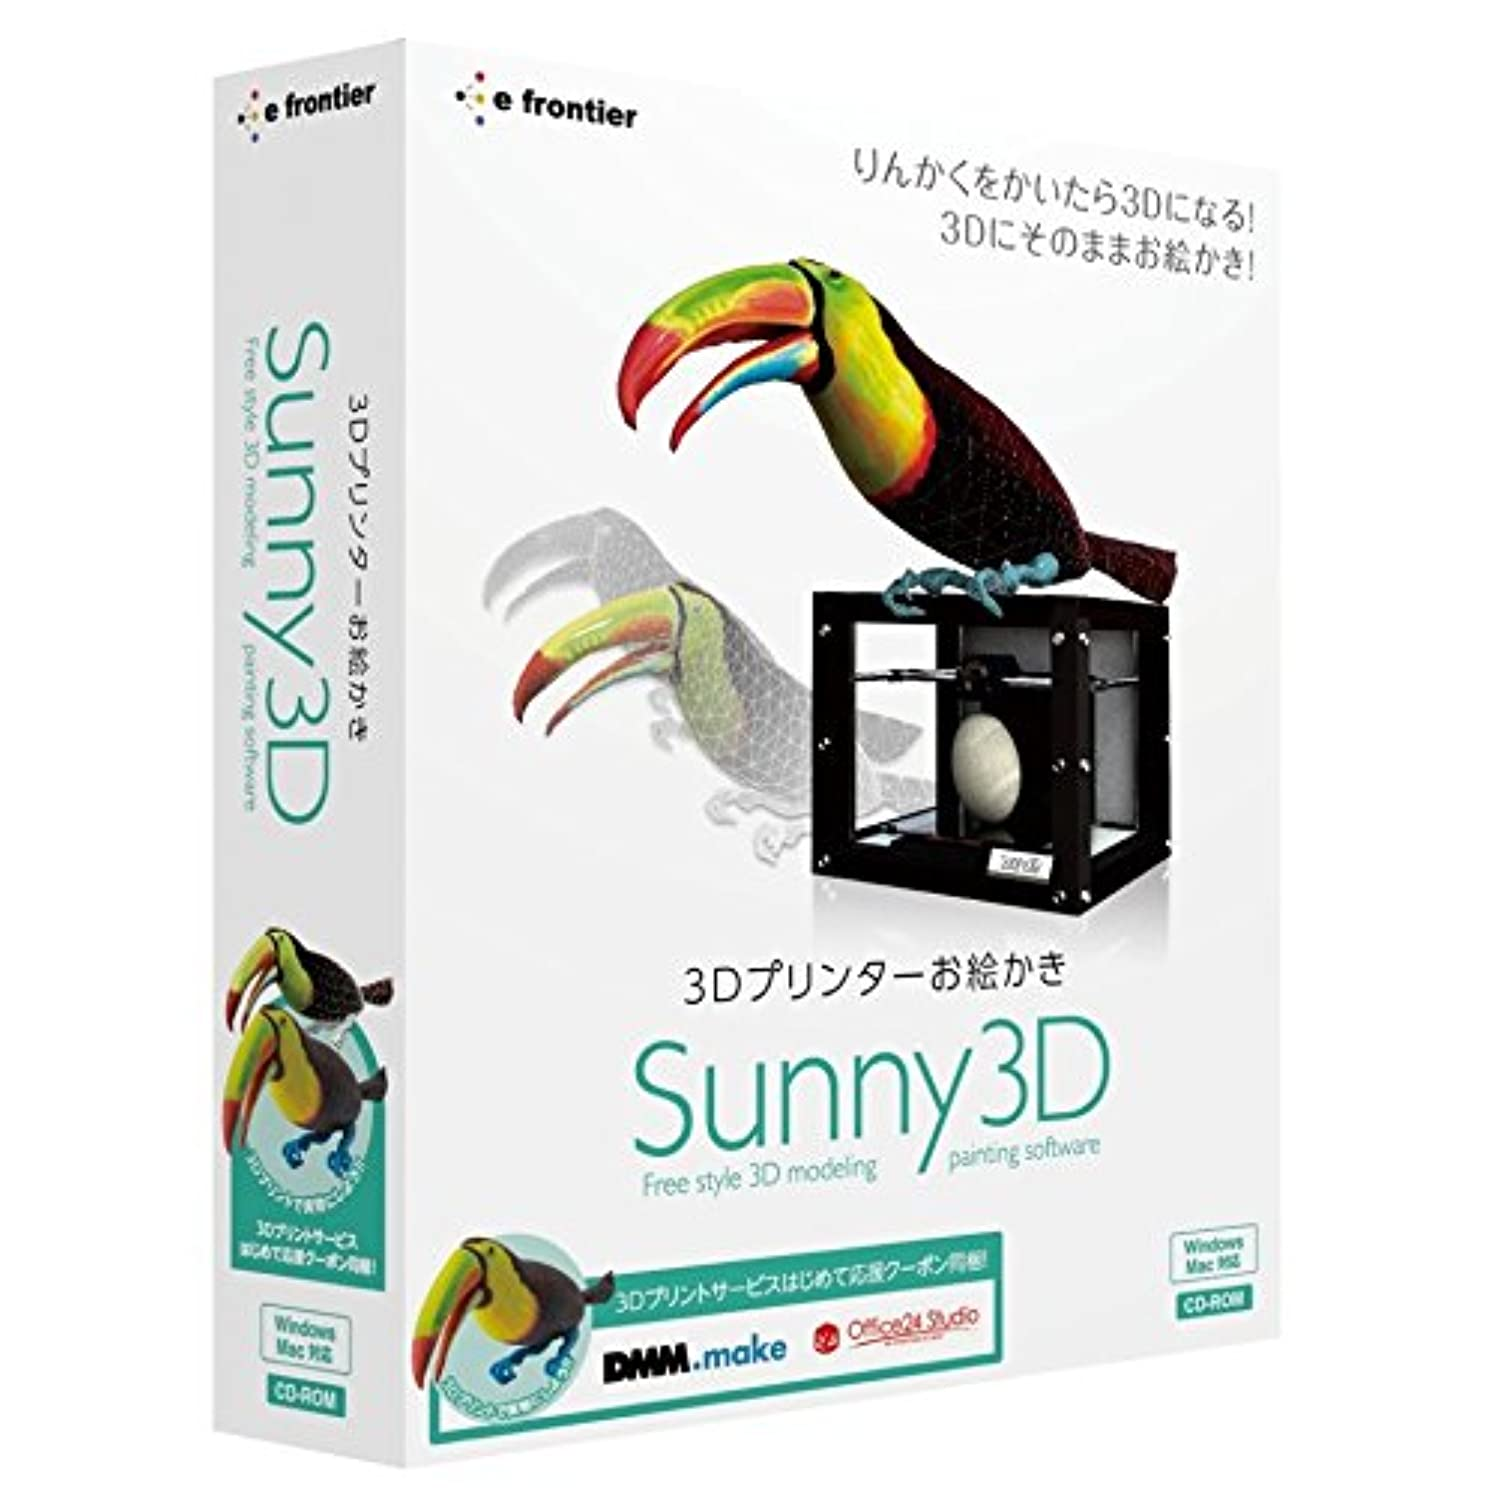 先住民精度音3Dプリンターお絵かき Sunny 3D